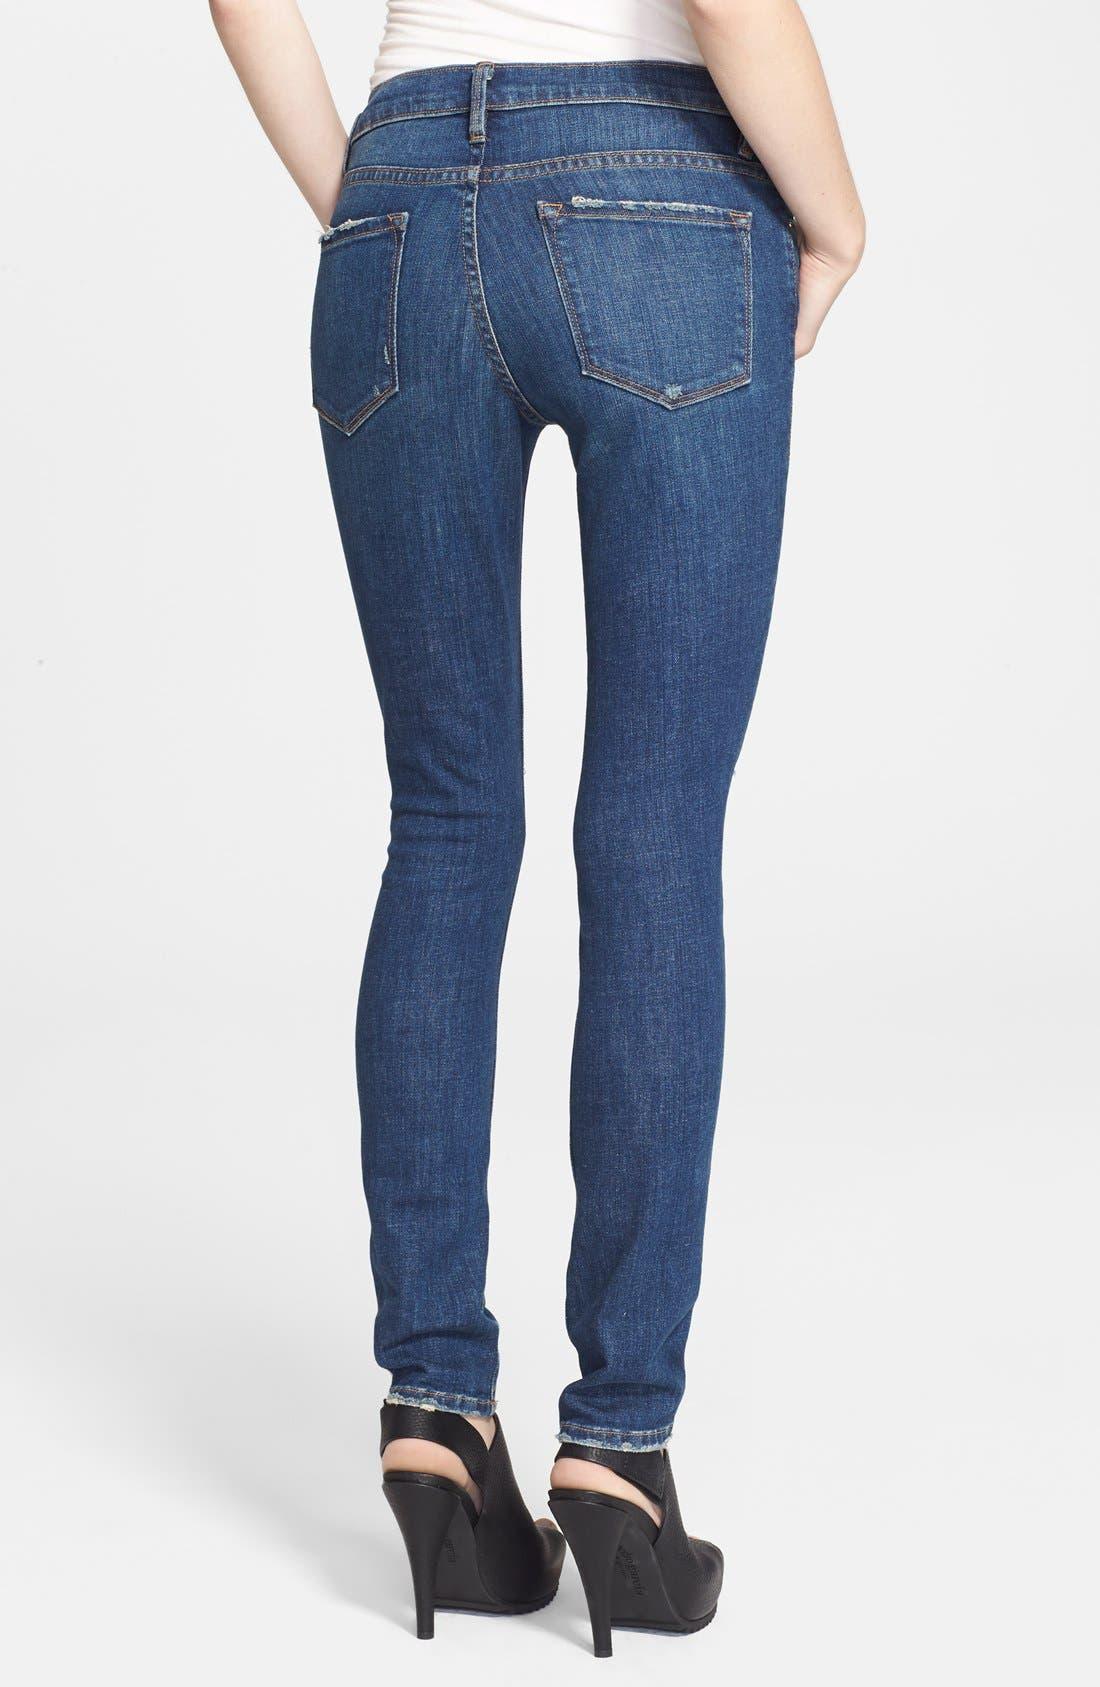 Alternate Image 2  - Frame Denim 'Le Skinny de Jeanne' Destroyed Jeans (Walgrove)